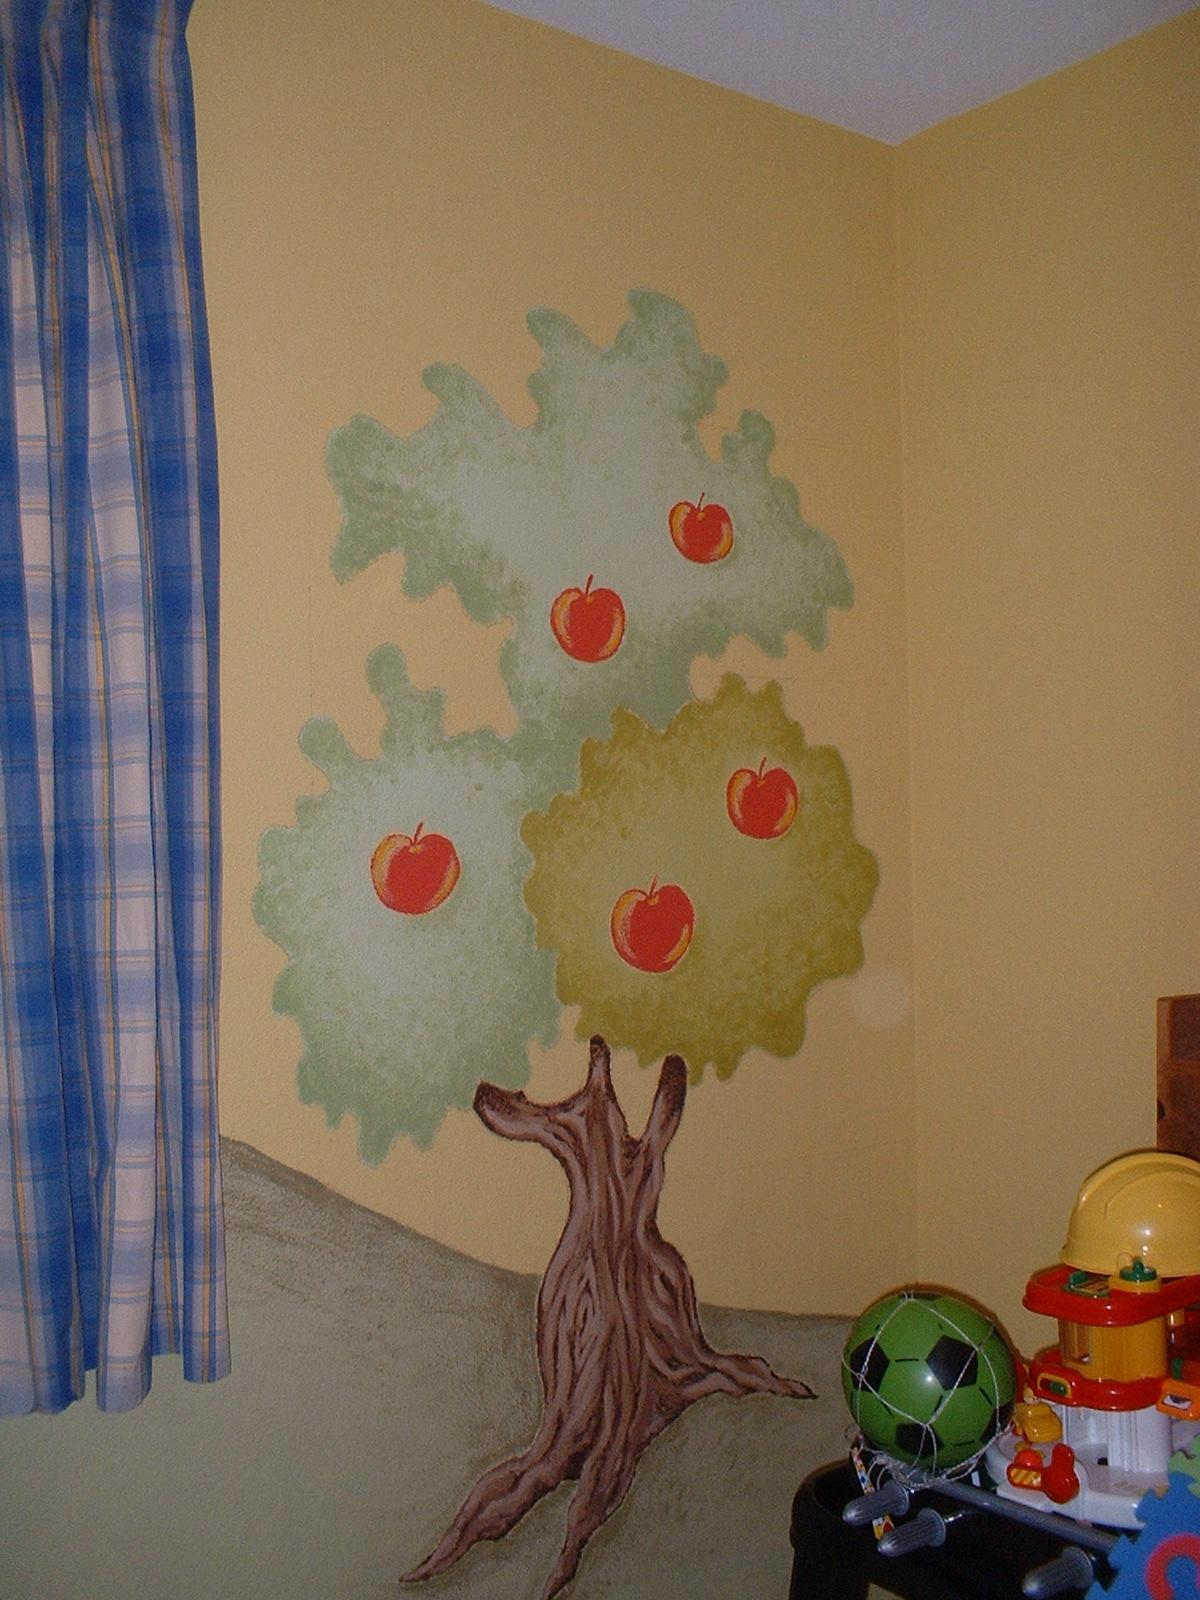 Murales infantiles pintados a mano 9 cuarto de juegos - Murales pintados a mano ...